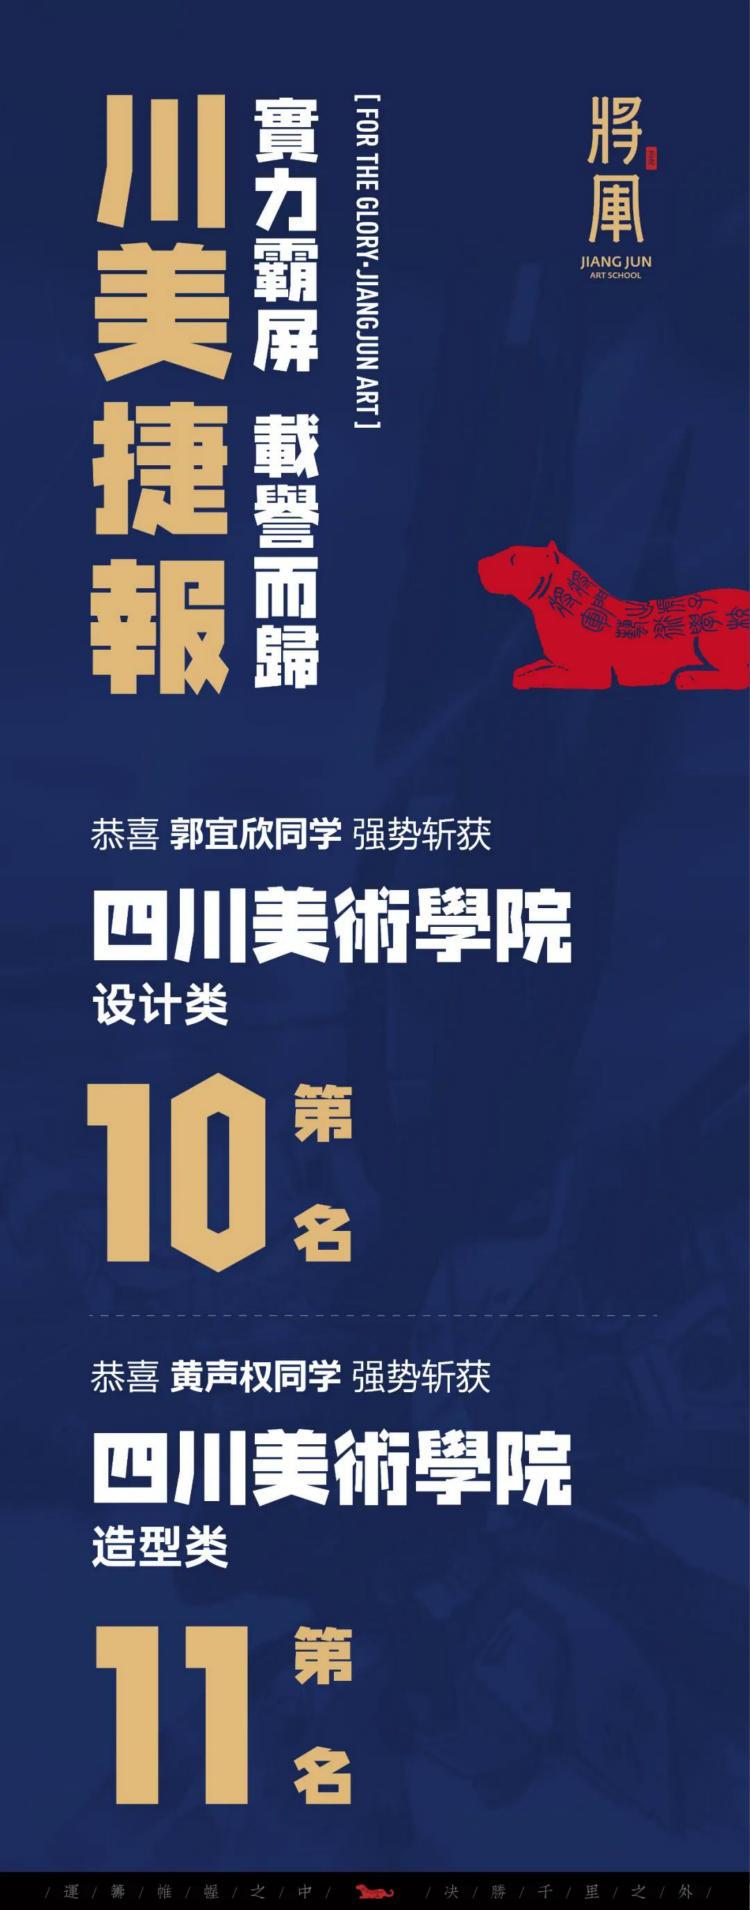 将军画室四川美术学院高分学子1